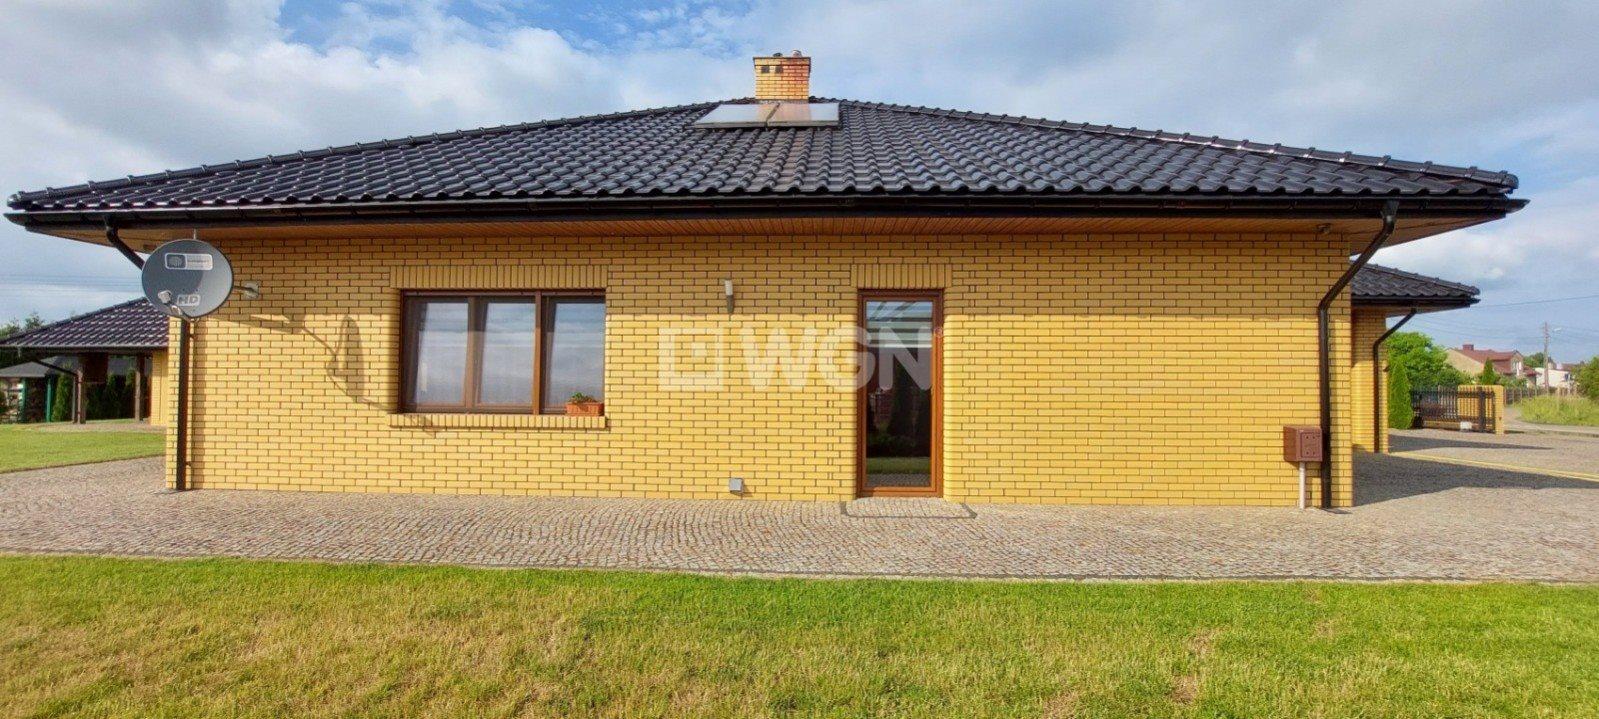 Dom na sprzedaż Piotrków Trybunalski, Piotrków Trybunalski  250m2 Foto 7